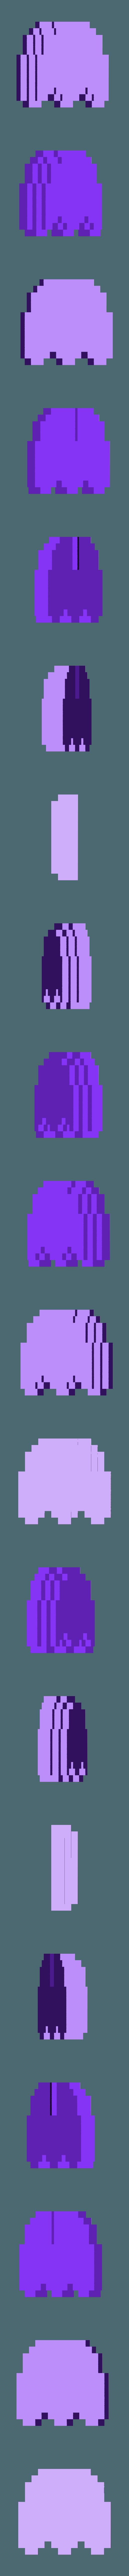 GhostBack.stl Télécharger fichier STL gratuit PacMan 8 bits et fantômes - Pièces séparées (pas besoin de colle) • Design à imprimer en 3D, conceptify